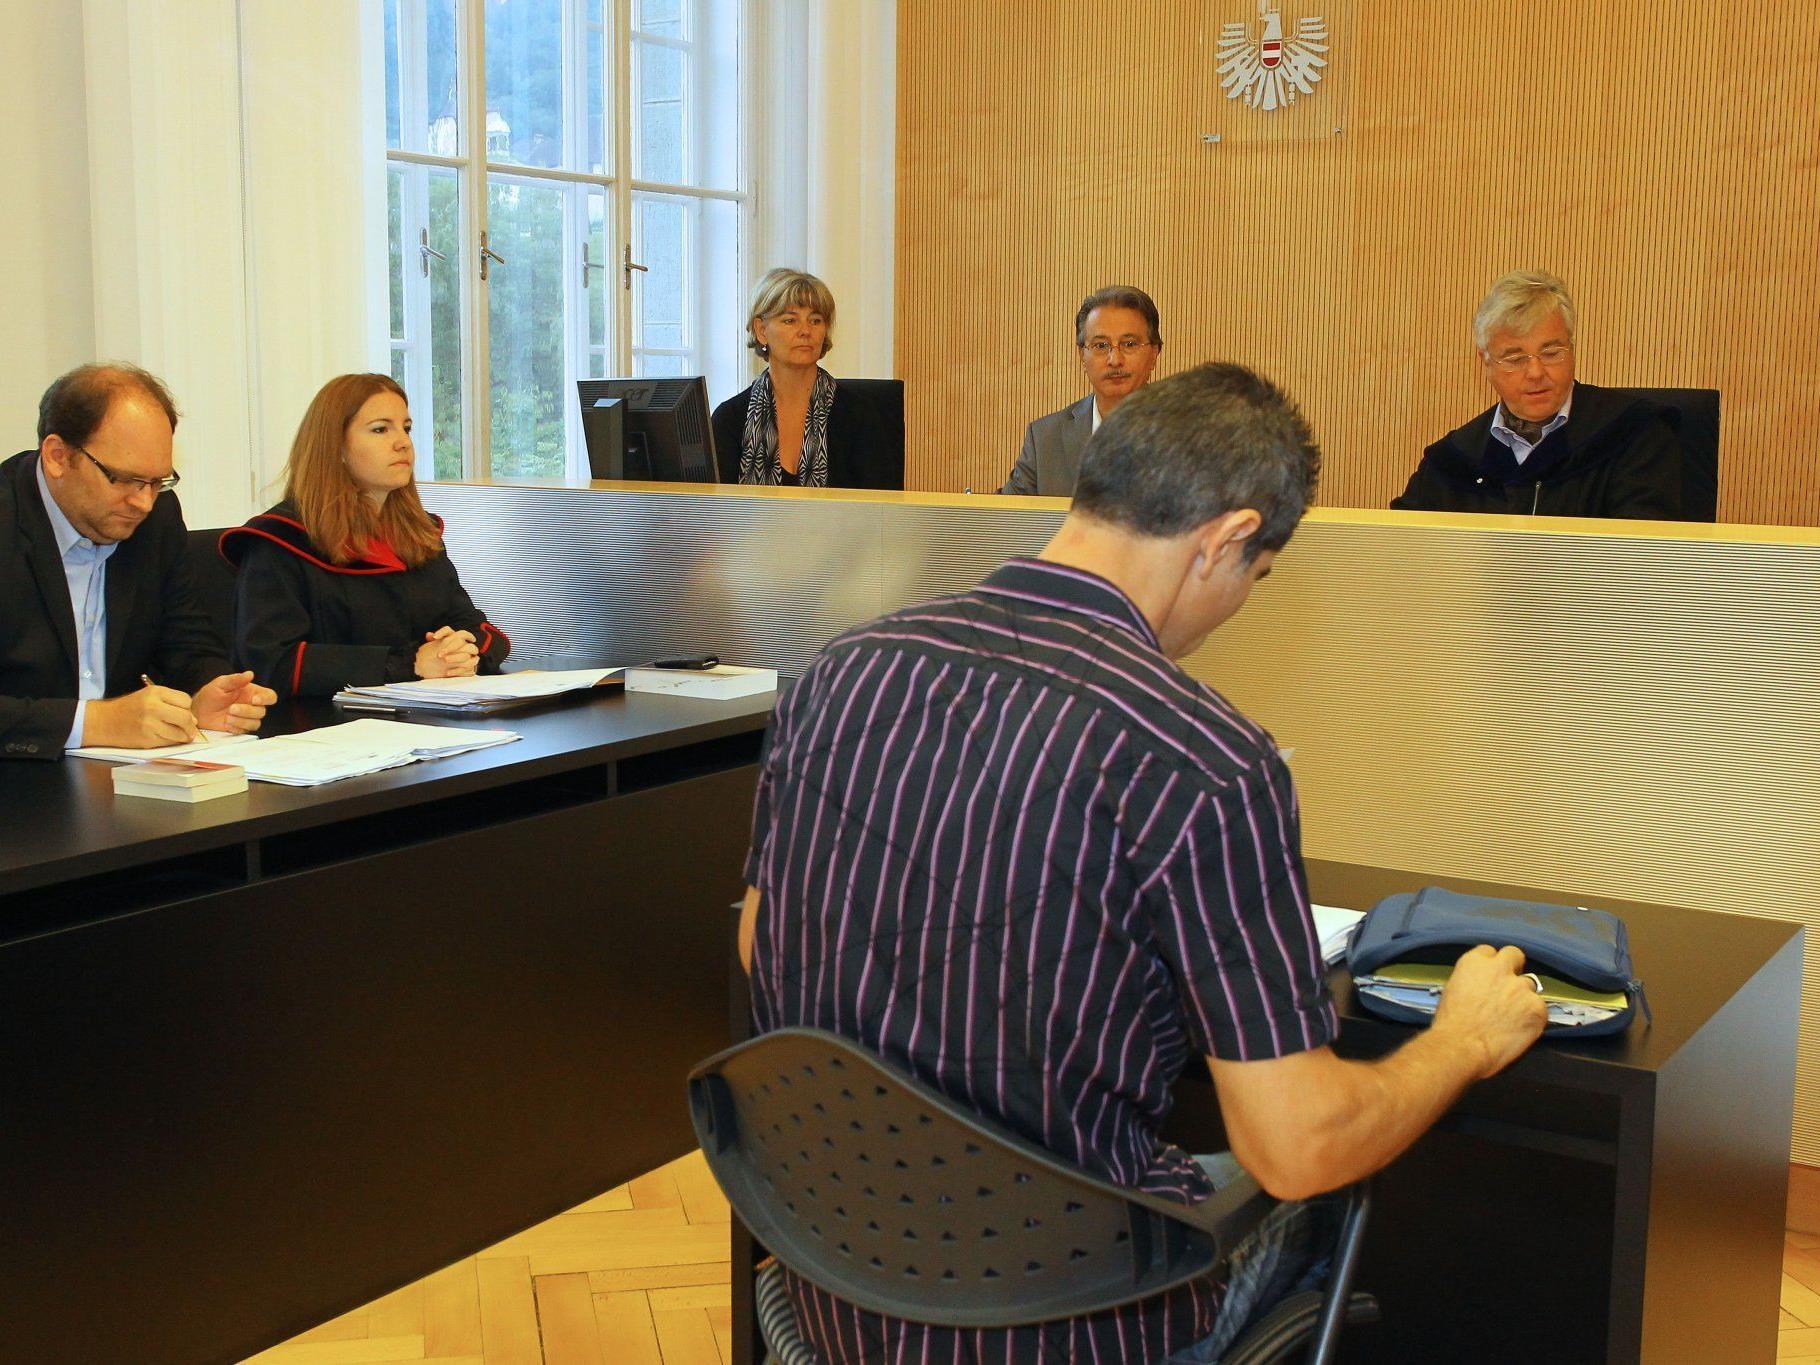 Am 1. September 2011 wurde der Ehemann am Landesgericht Feldkirch zu vier Jahren Haft verurteilt.